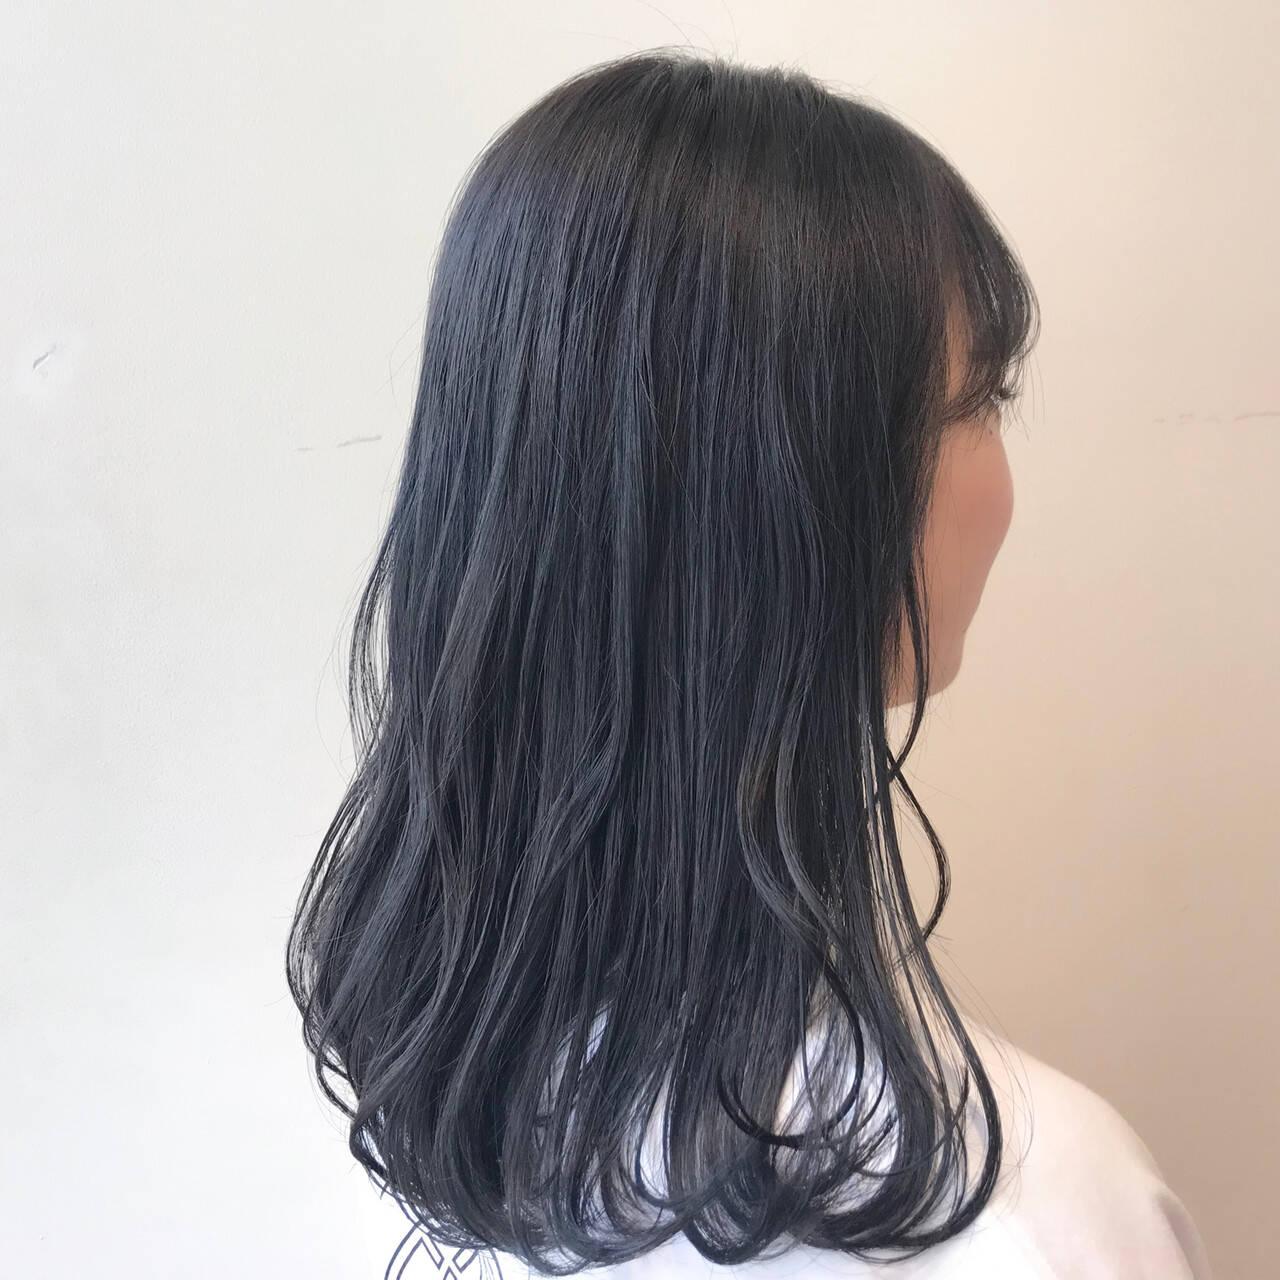 ブルーブラック 透明感カラー ブルージュ ナチュラルヘアスタイルや髪型の写真・画像